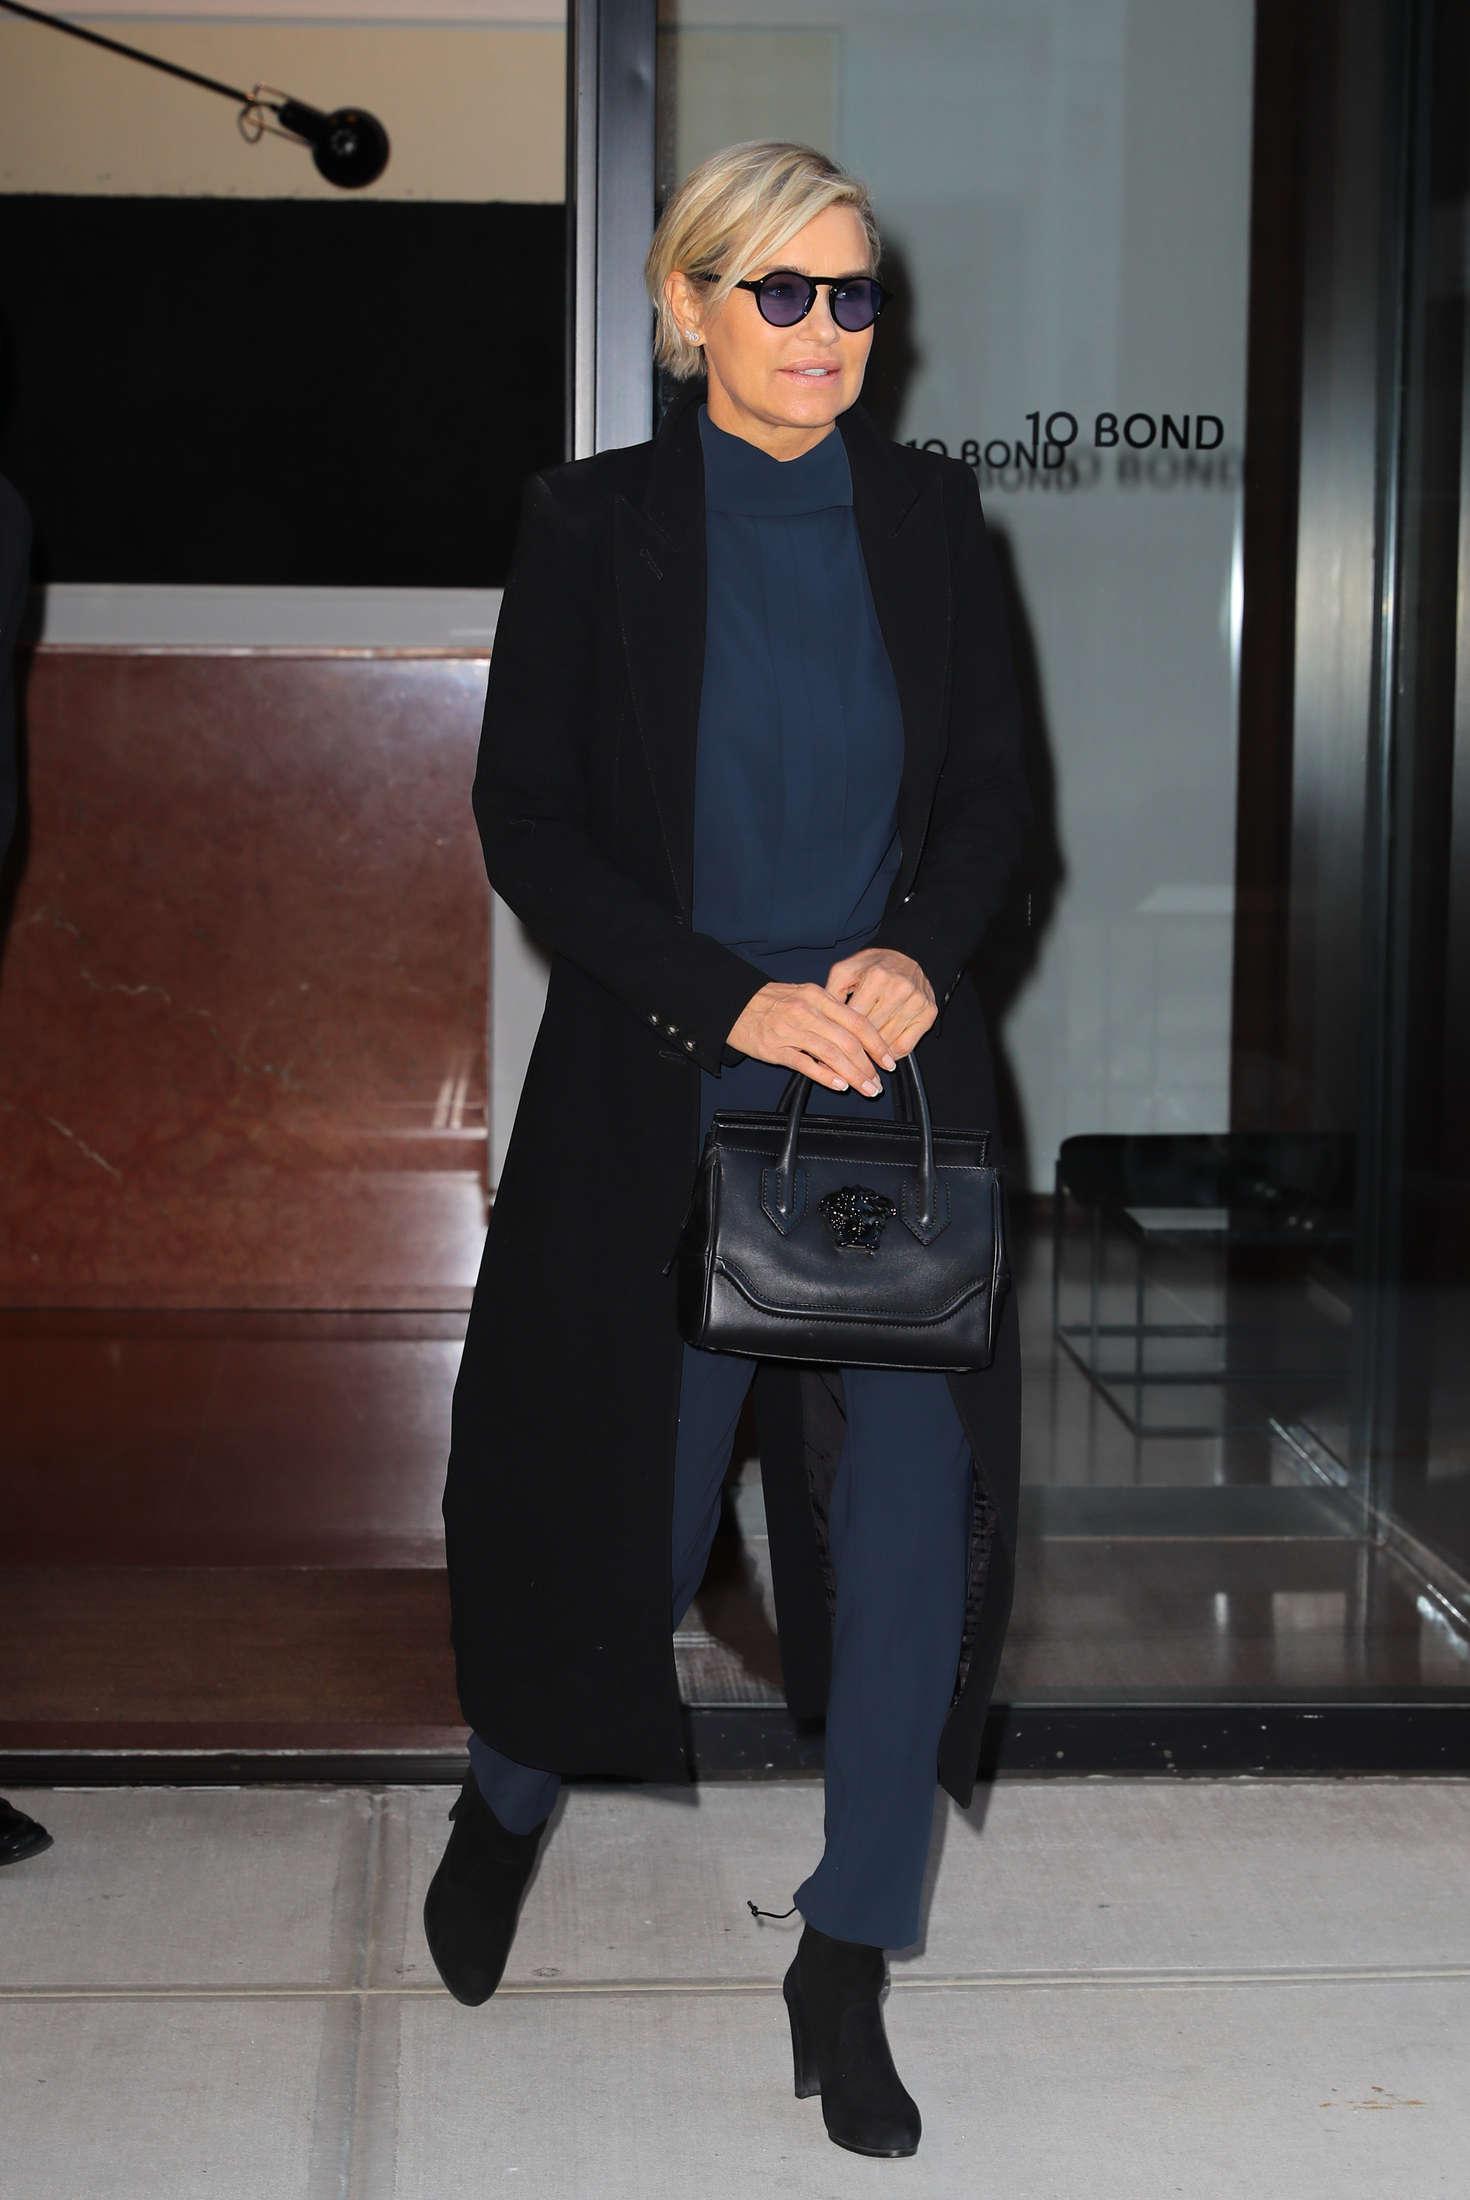 Yolanda Hadid 2016 : Yolanda Hadid Leaves home in New York -02